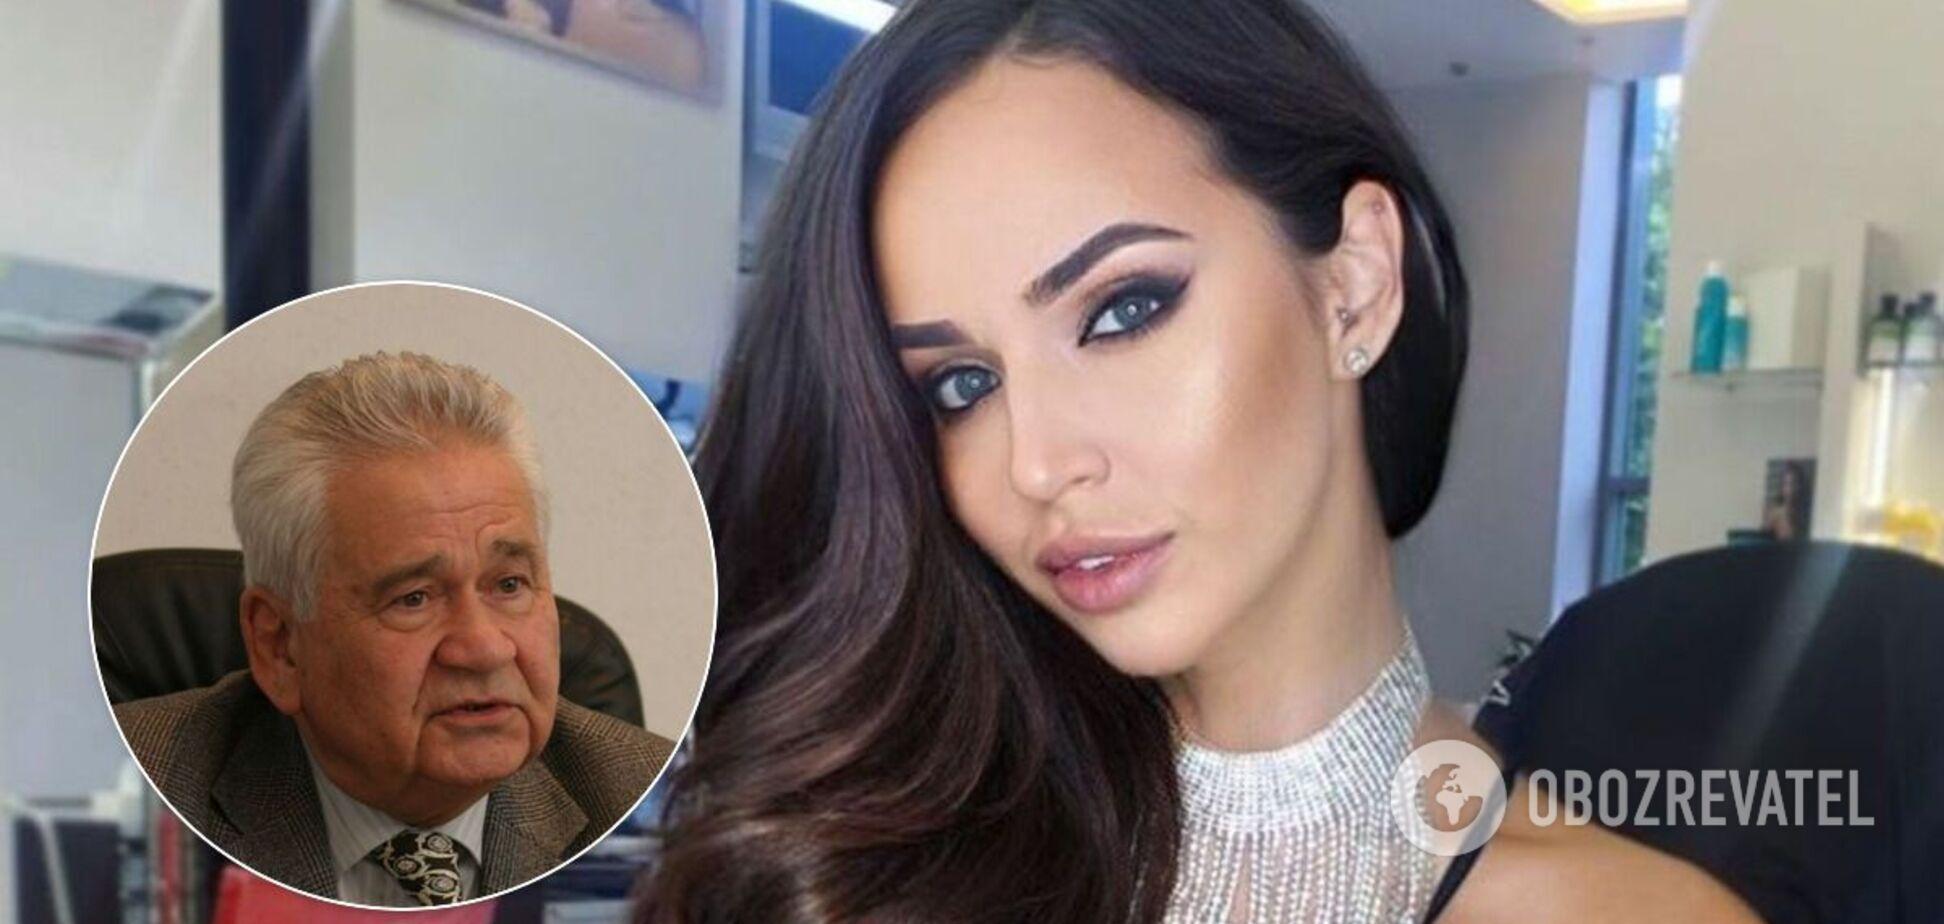 Маша Фокіна заступилася за дідуся і порадила ЗМІ 'підбирати слова'